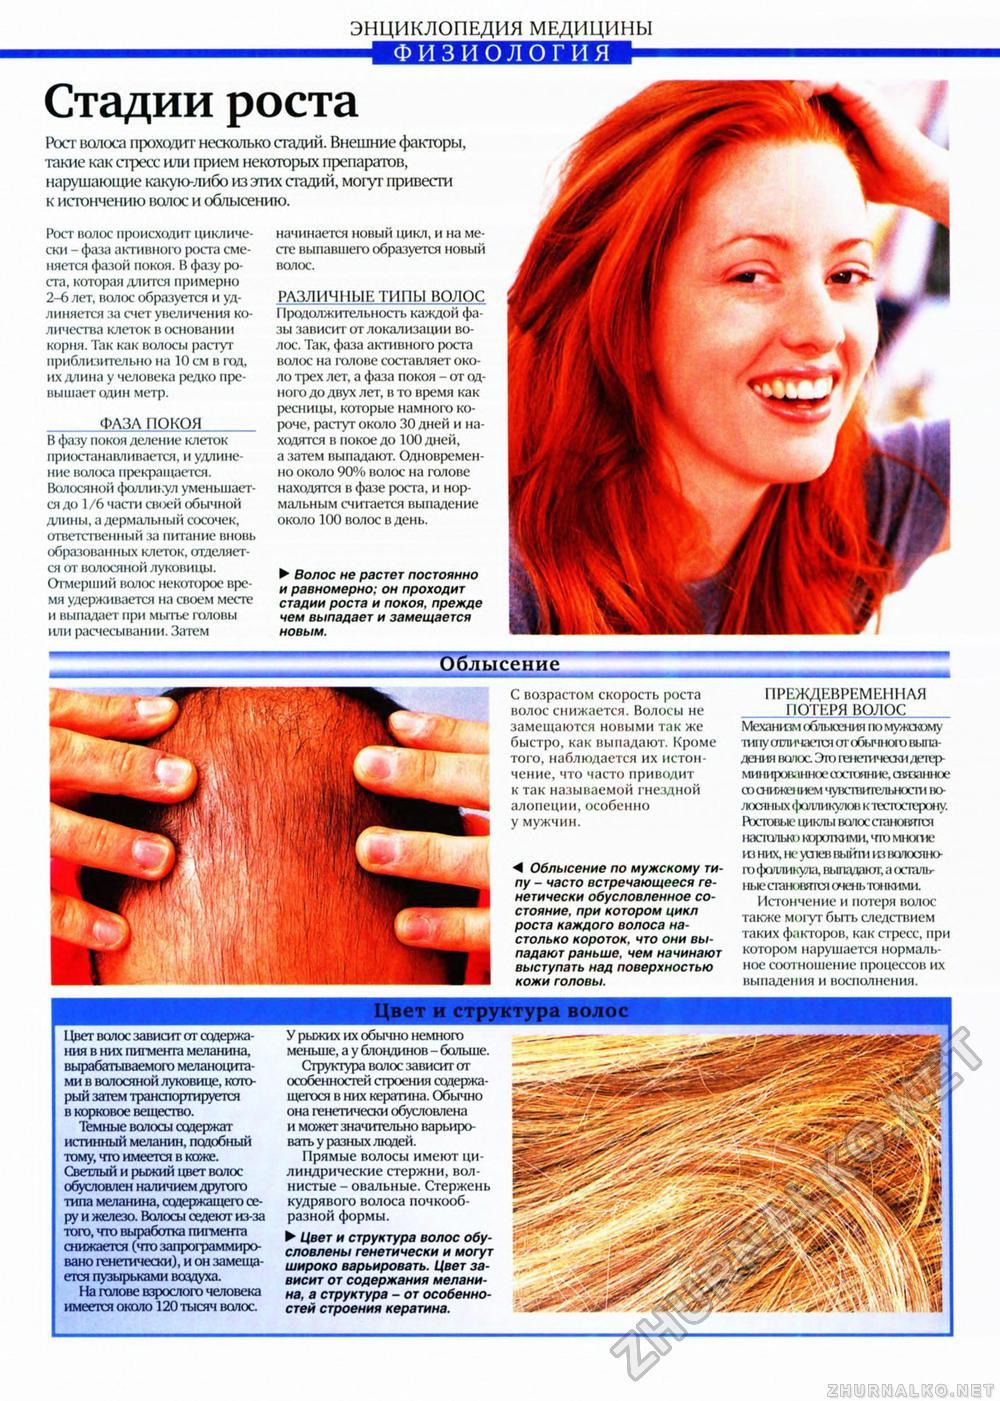 Этапы роста волос на теле